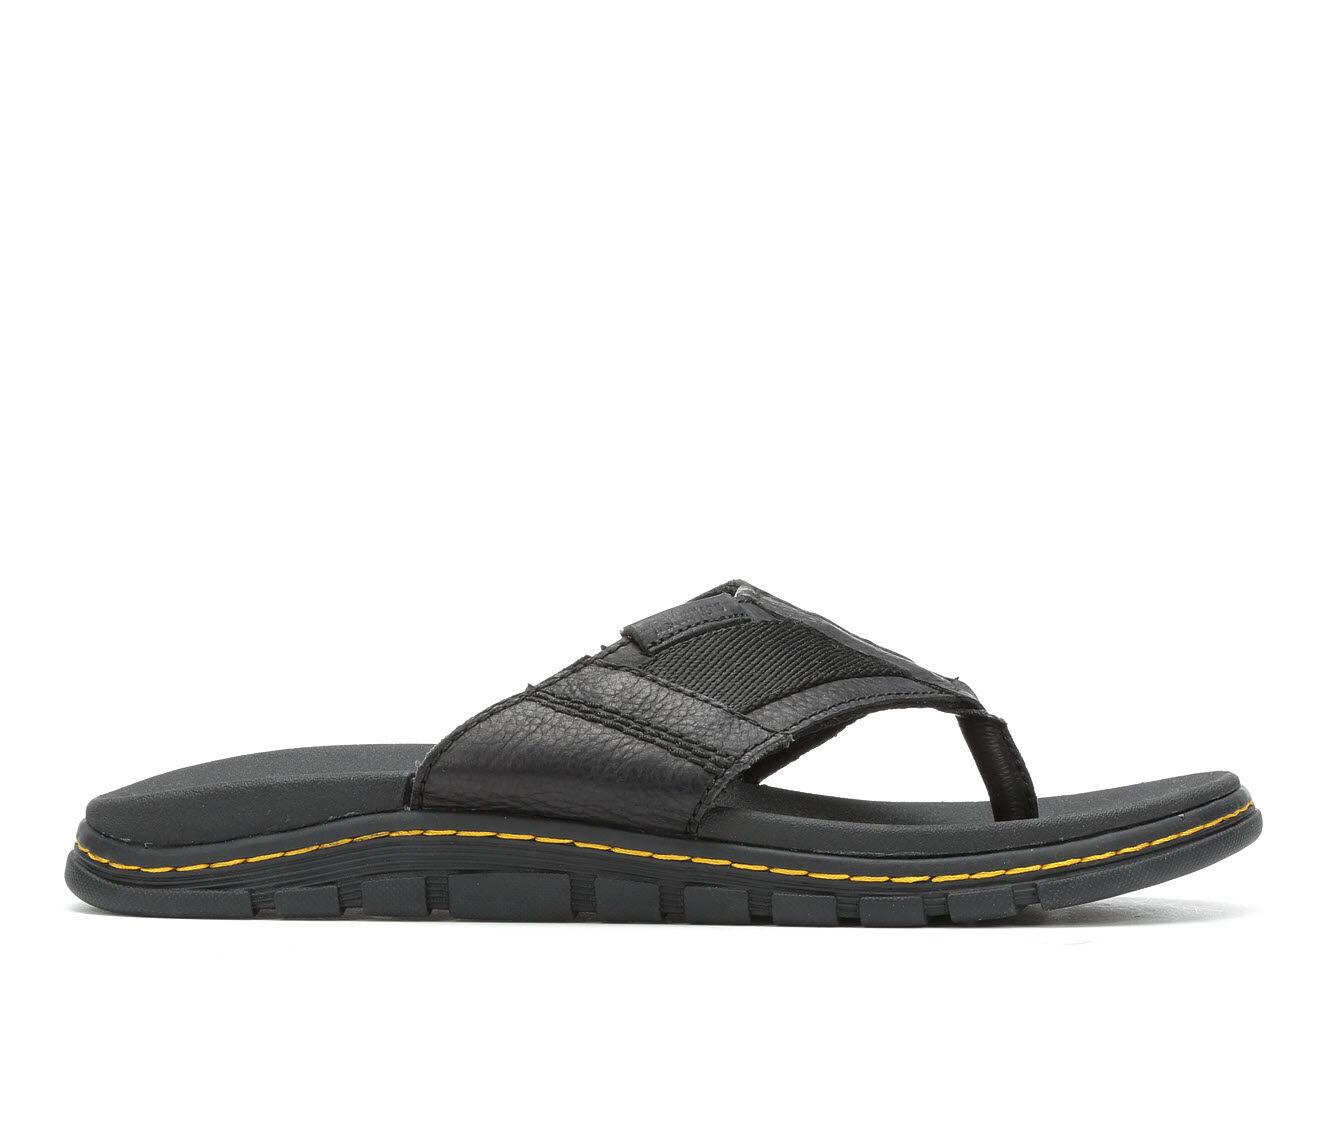 Men's Dr. Martens Athens Thong Flip-Flops Black